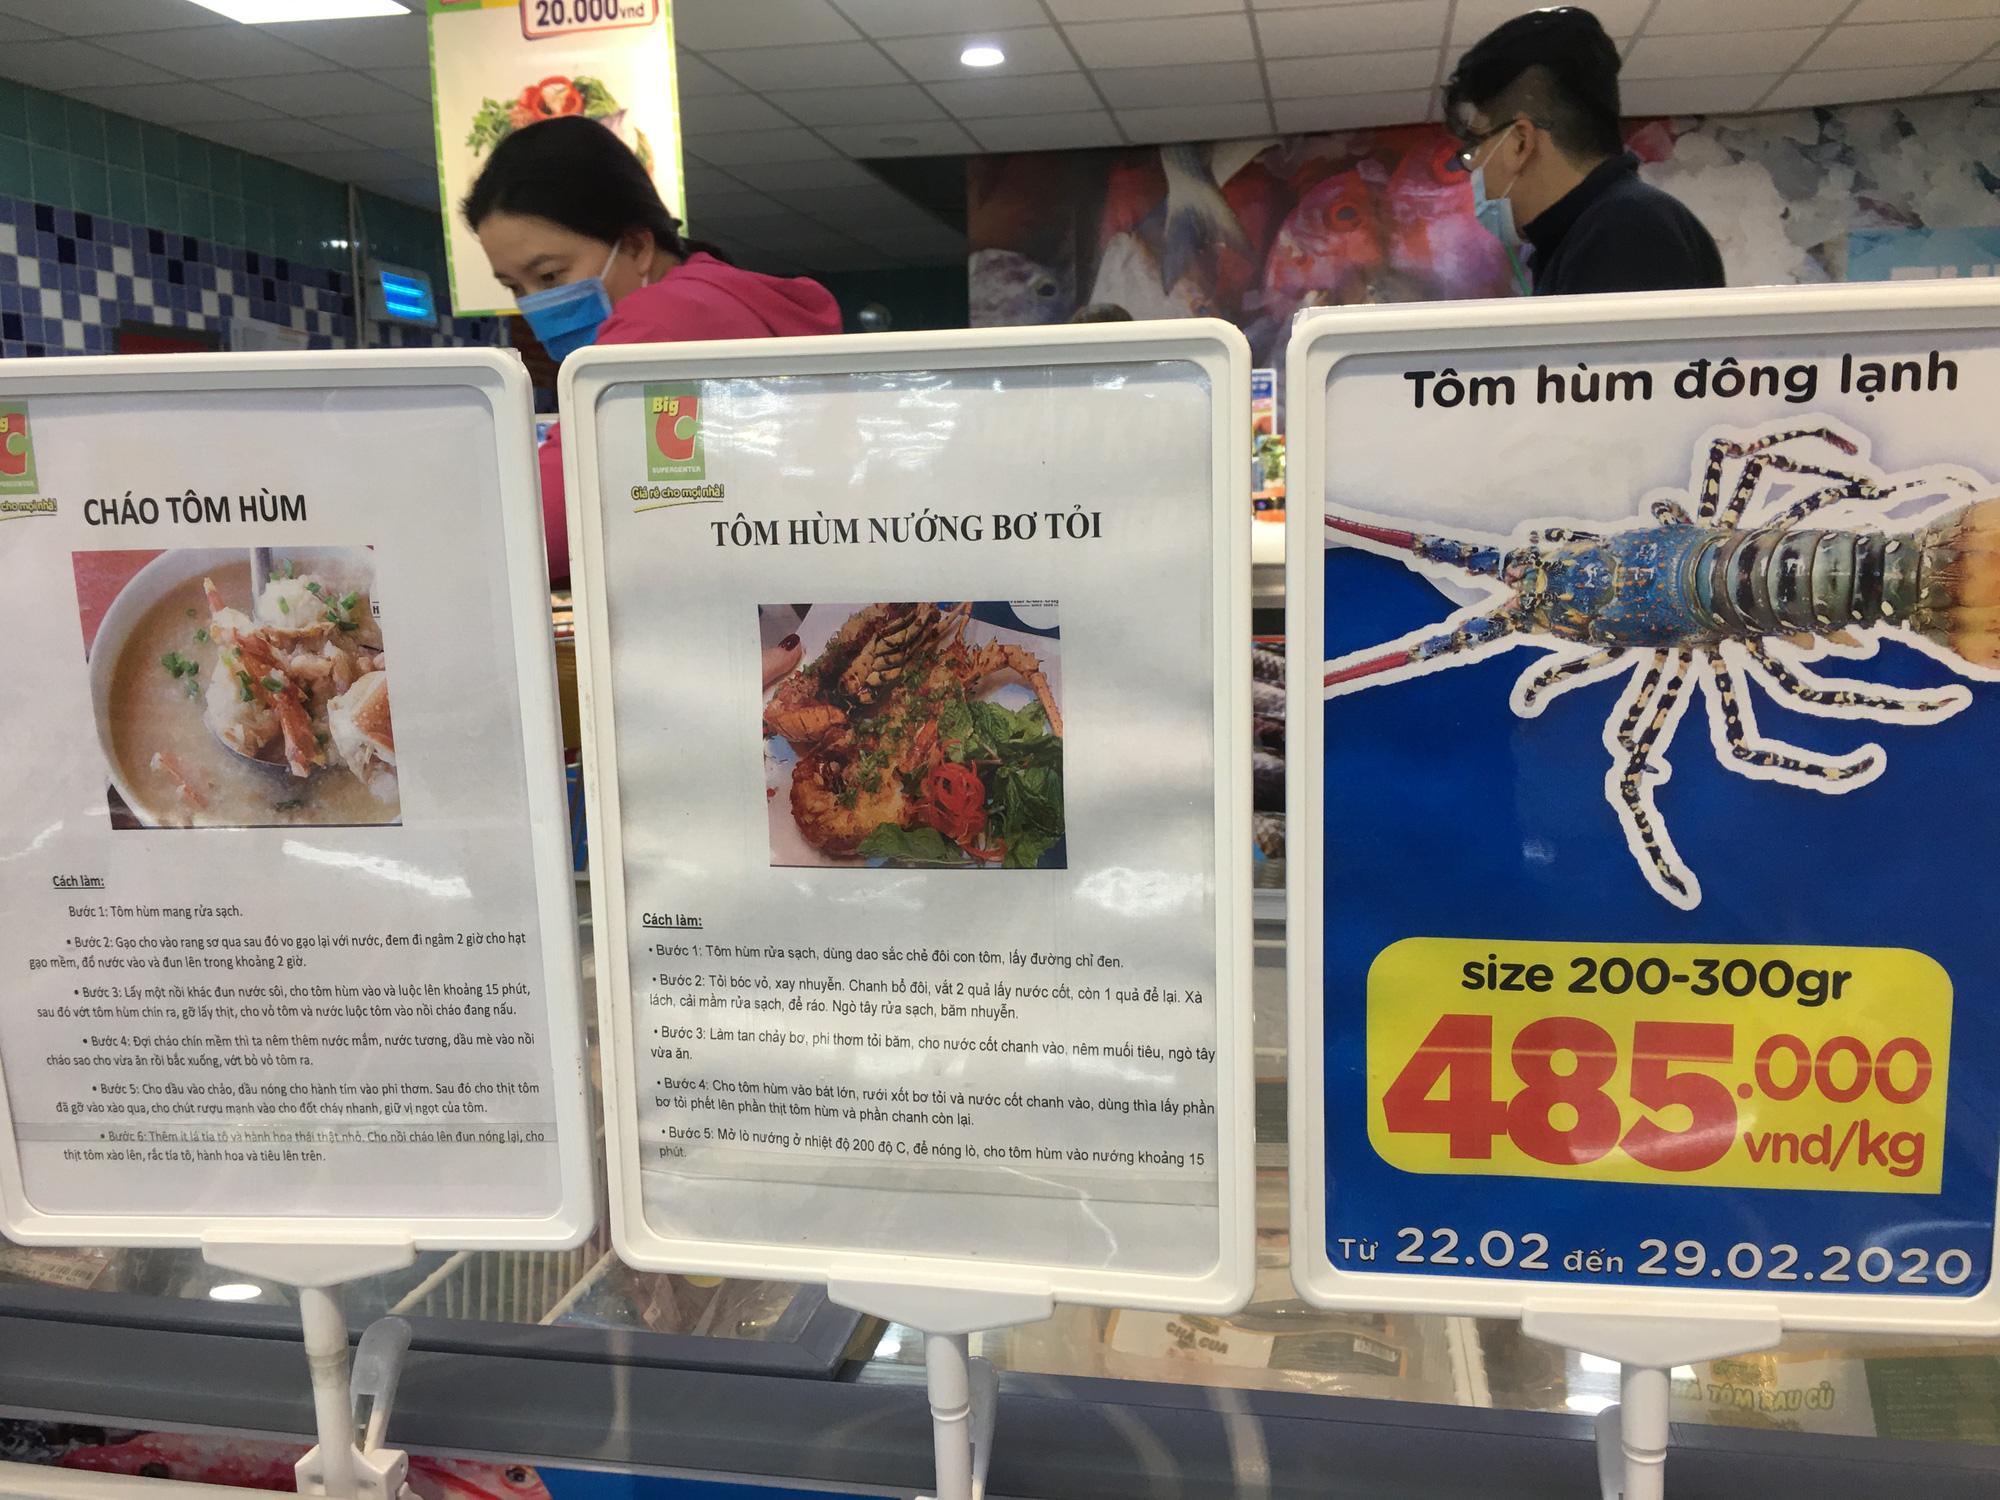 Giải cứu tôm hùm ở Đà Nẵng: Sức mua nhẹ, người dân muốn mua loại còn sống nhưng chỉ có hàng đông lạnh - Ảnh 10.